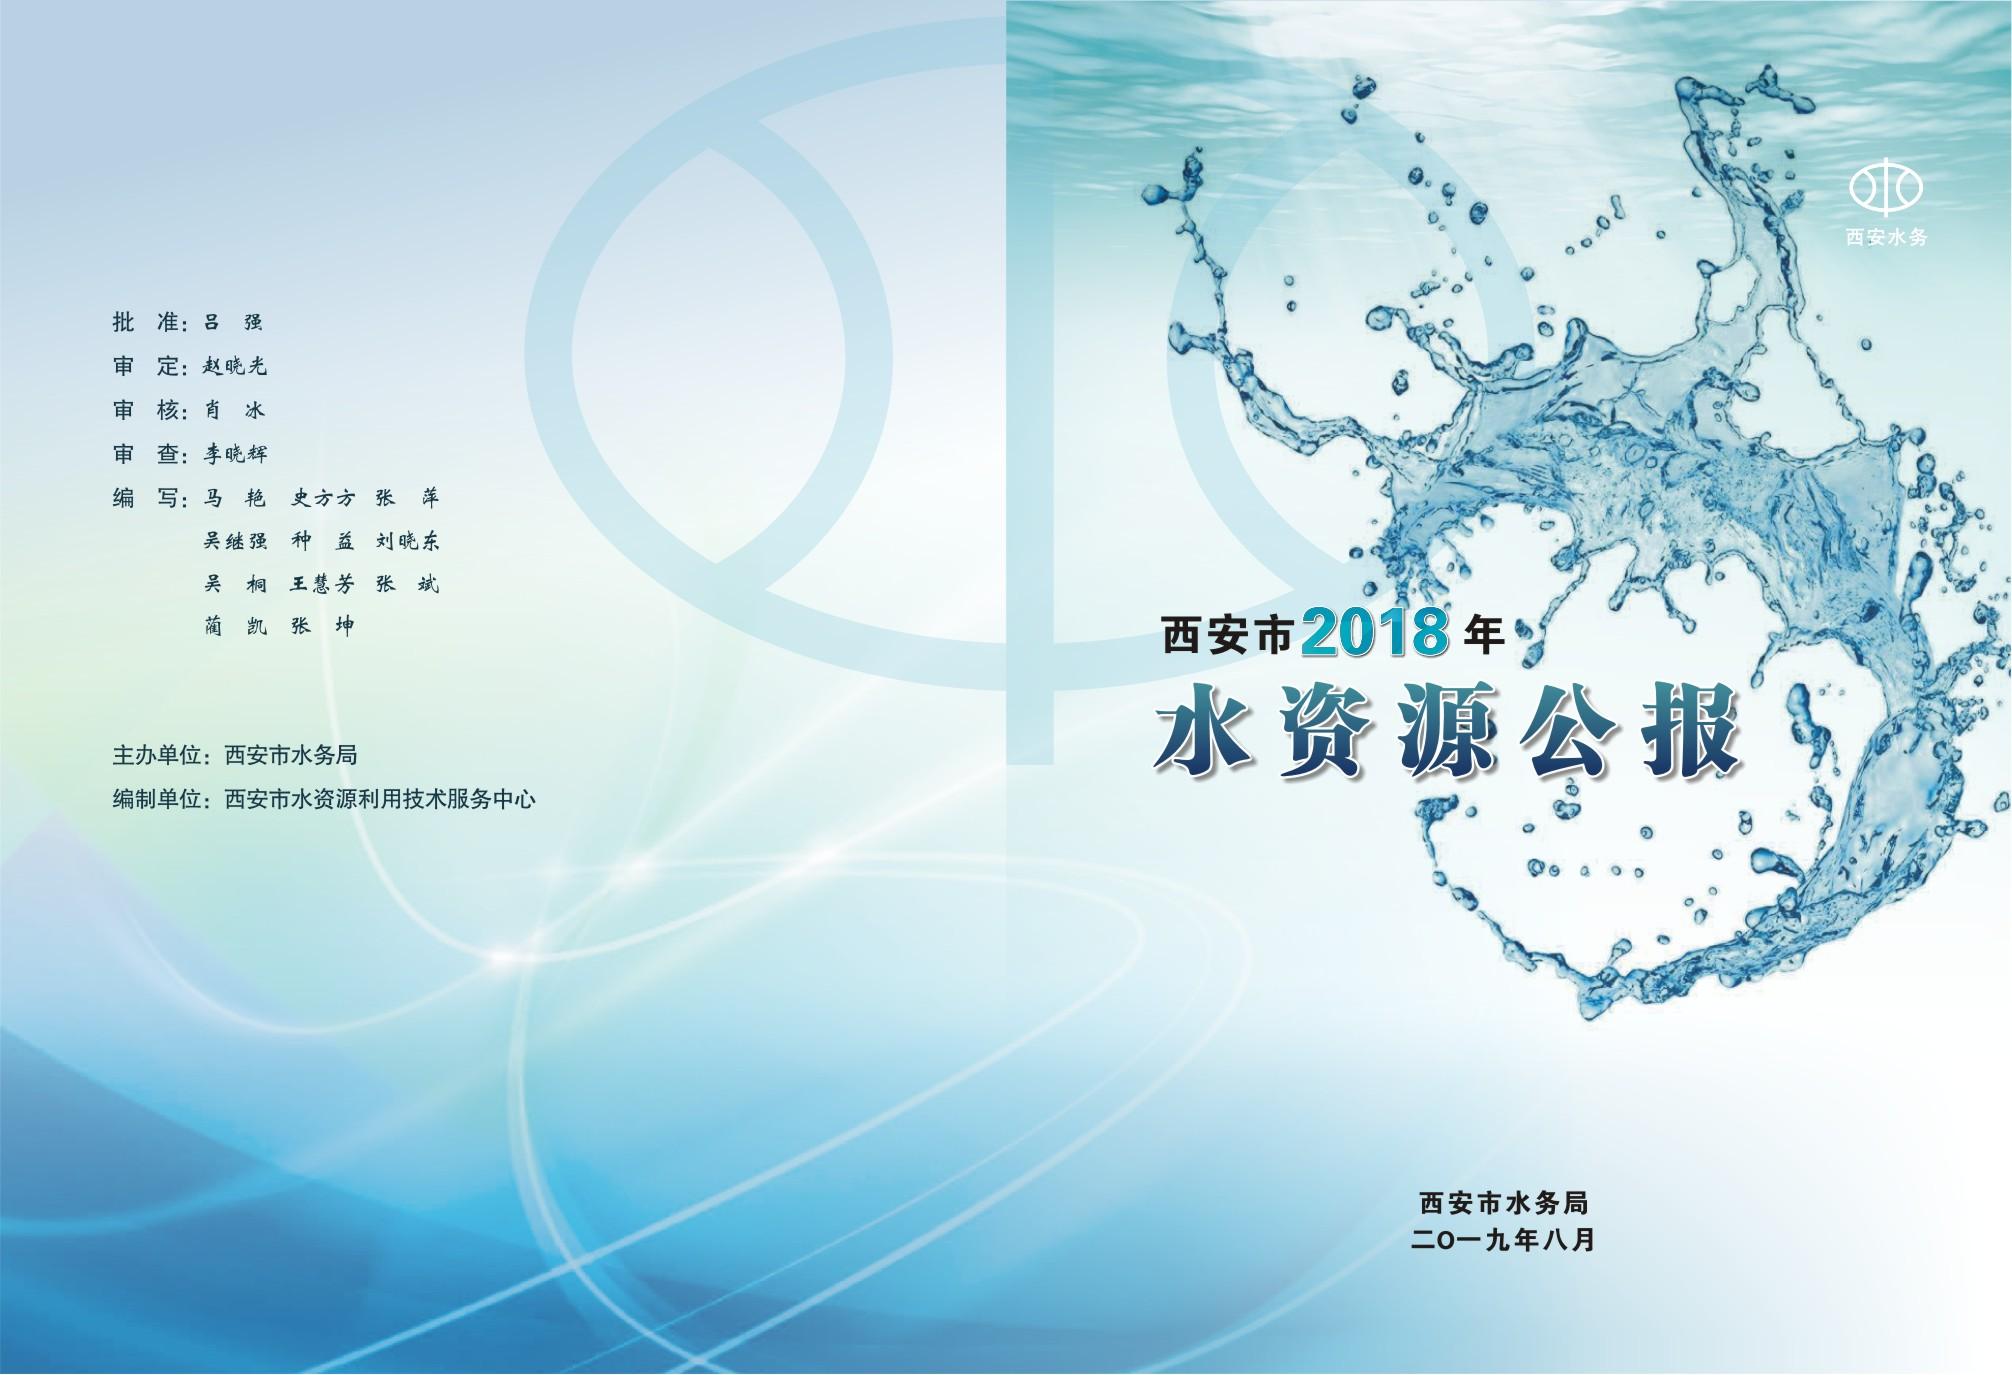 西安市2018年水资源公报